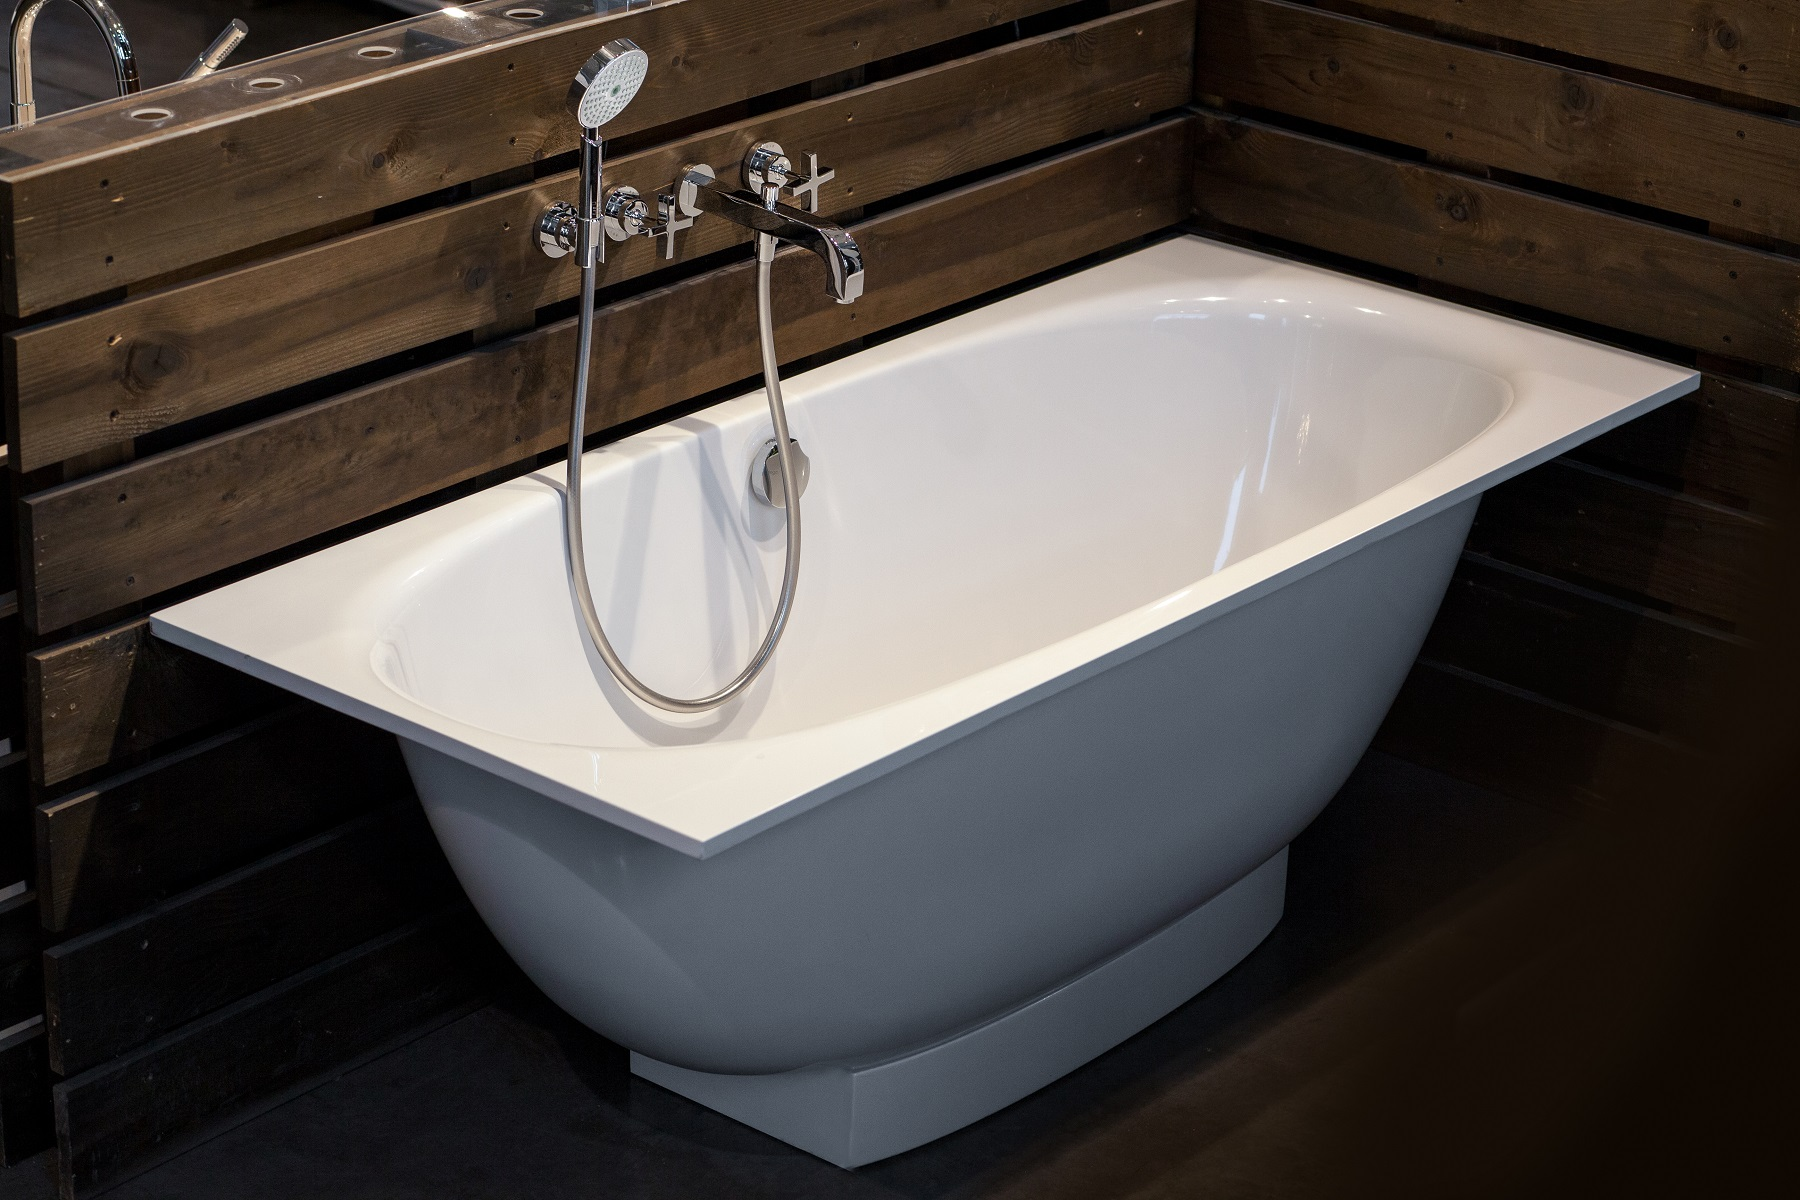 Vasca Da Bagno I Inglese : Gallery of vasche da bagno con i piedi inglese in cucina